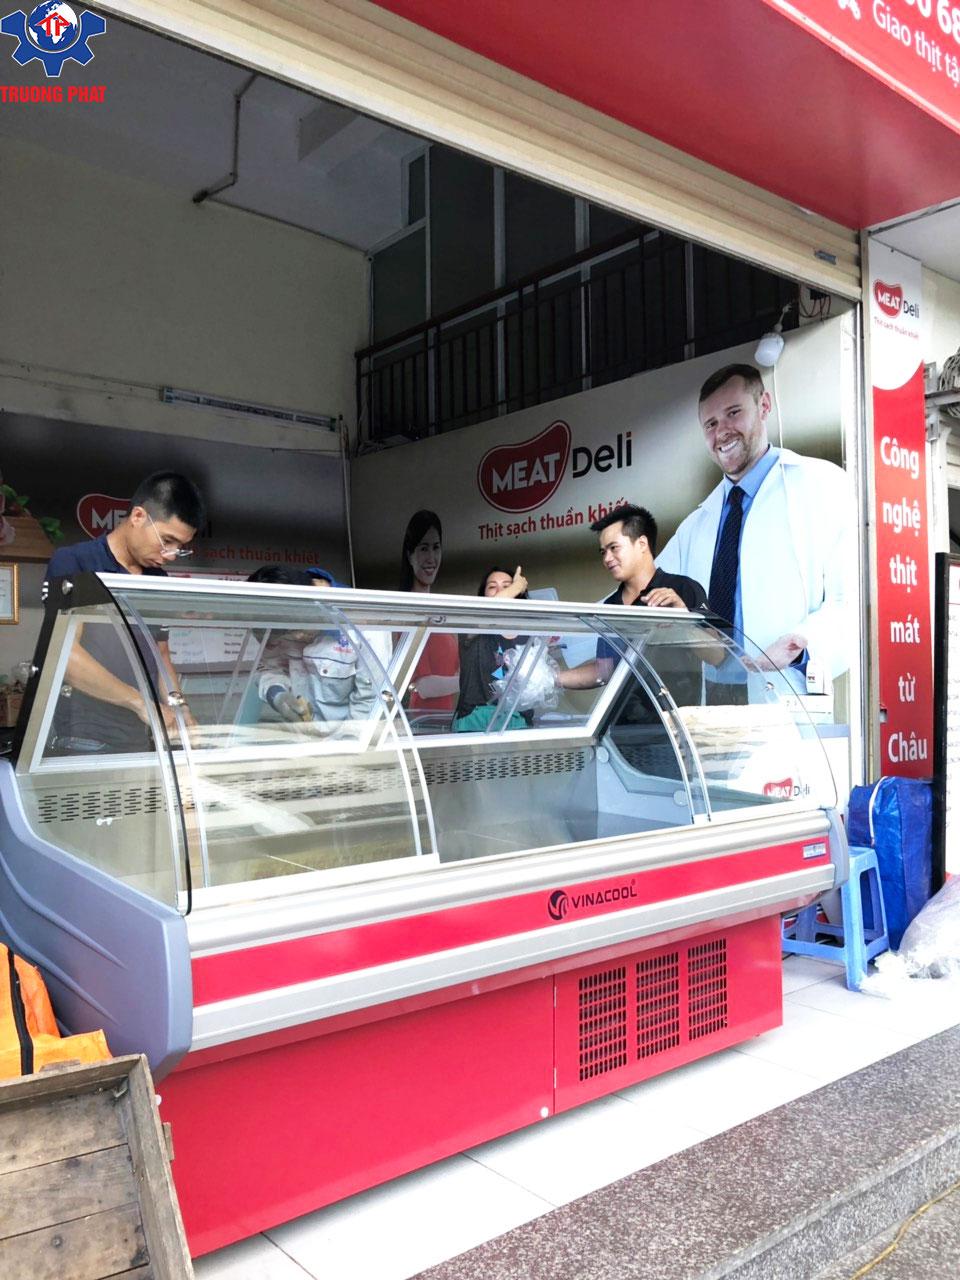 lắp đặt tủ thịt tươi tại Meat Deli